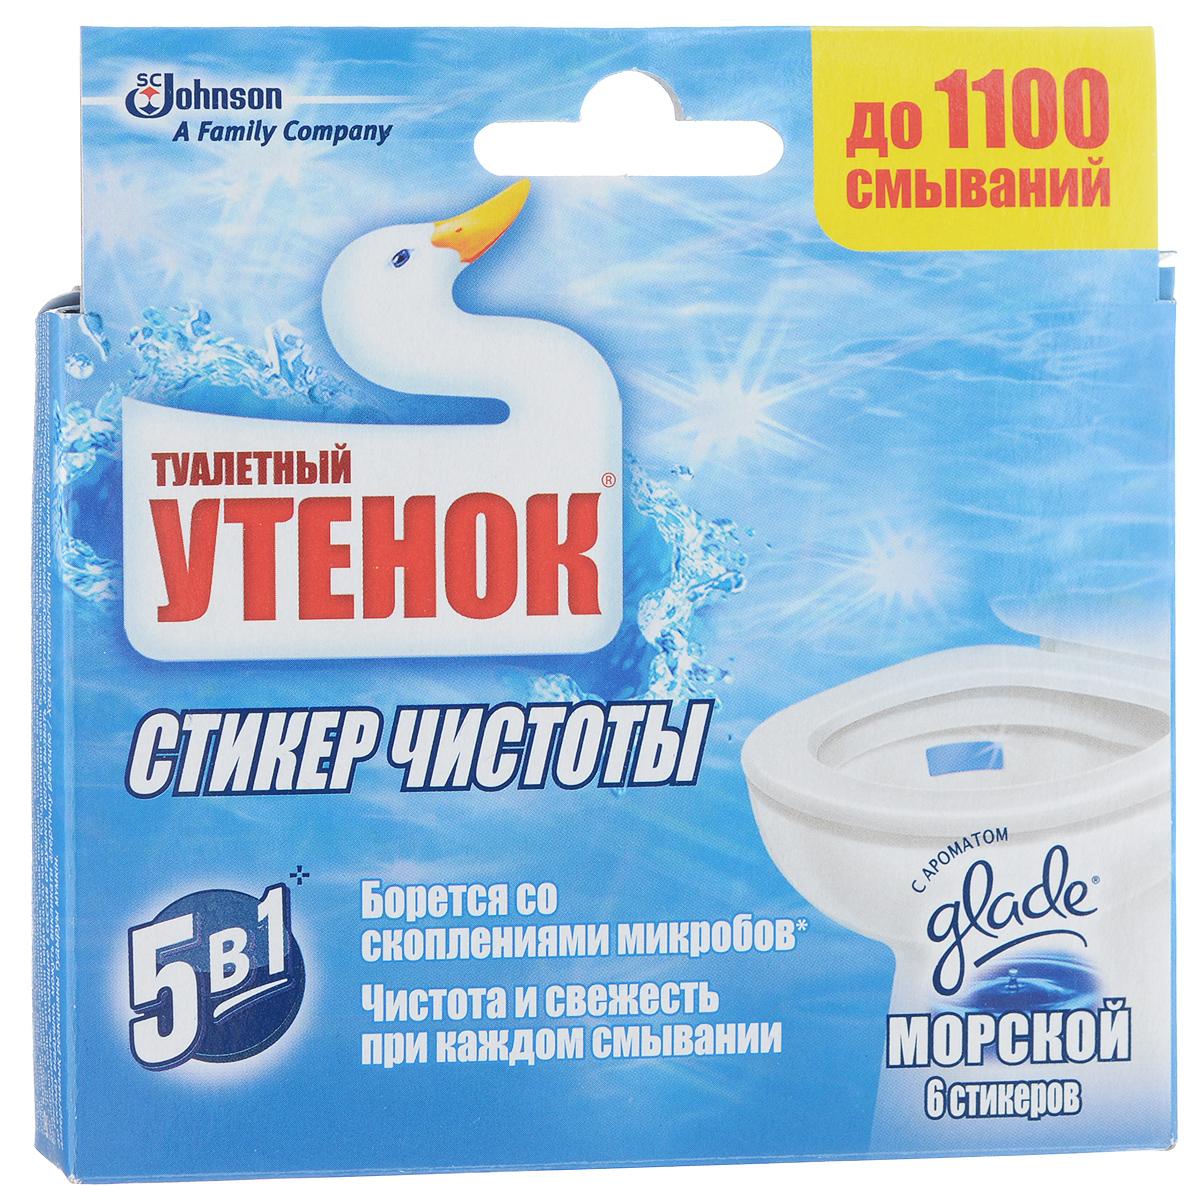 Очиститель унитаза Туалетный утенок Стикер чистоты, морской, 6 шт666931Благодаря очистителю Туалетный утенок Стикер чистоты на поверхности унитаза образуется защитный слой, который препятствует образованию минеральных отложений, являющихся очагами скопления микробов. Очиститель крепится внутри унитаза ниже ободка на сухую поверхность. Обладает приятным ароматом. Стикера хватает более, чем на 100 смываний. Он полностью растворяется в воде.Состав: а-ПАВ, сульфат натрия, отдушка, н-ПАВ, акриловый сополимер, красители, 2-(4-третбутилбензил)-пропиональдегид, кумарин, эвгенол, d-лимонен, альфа-изометилионон.Комплектация: 6 шт.Товар сертифицирован.